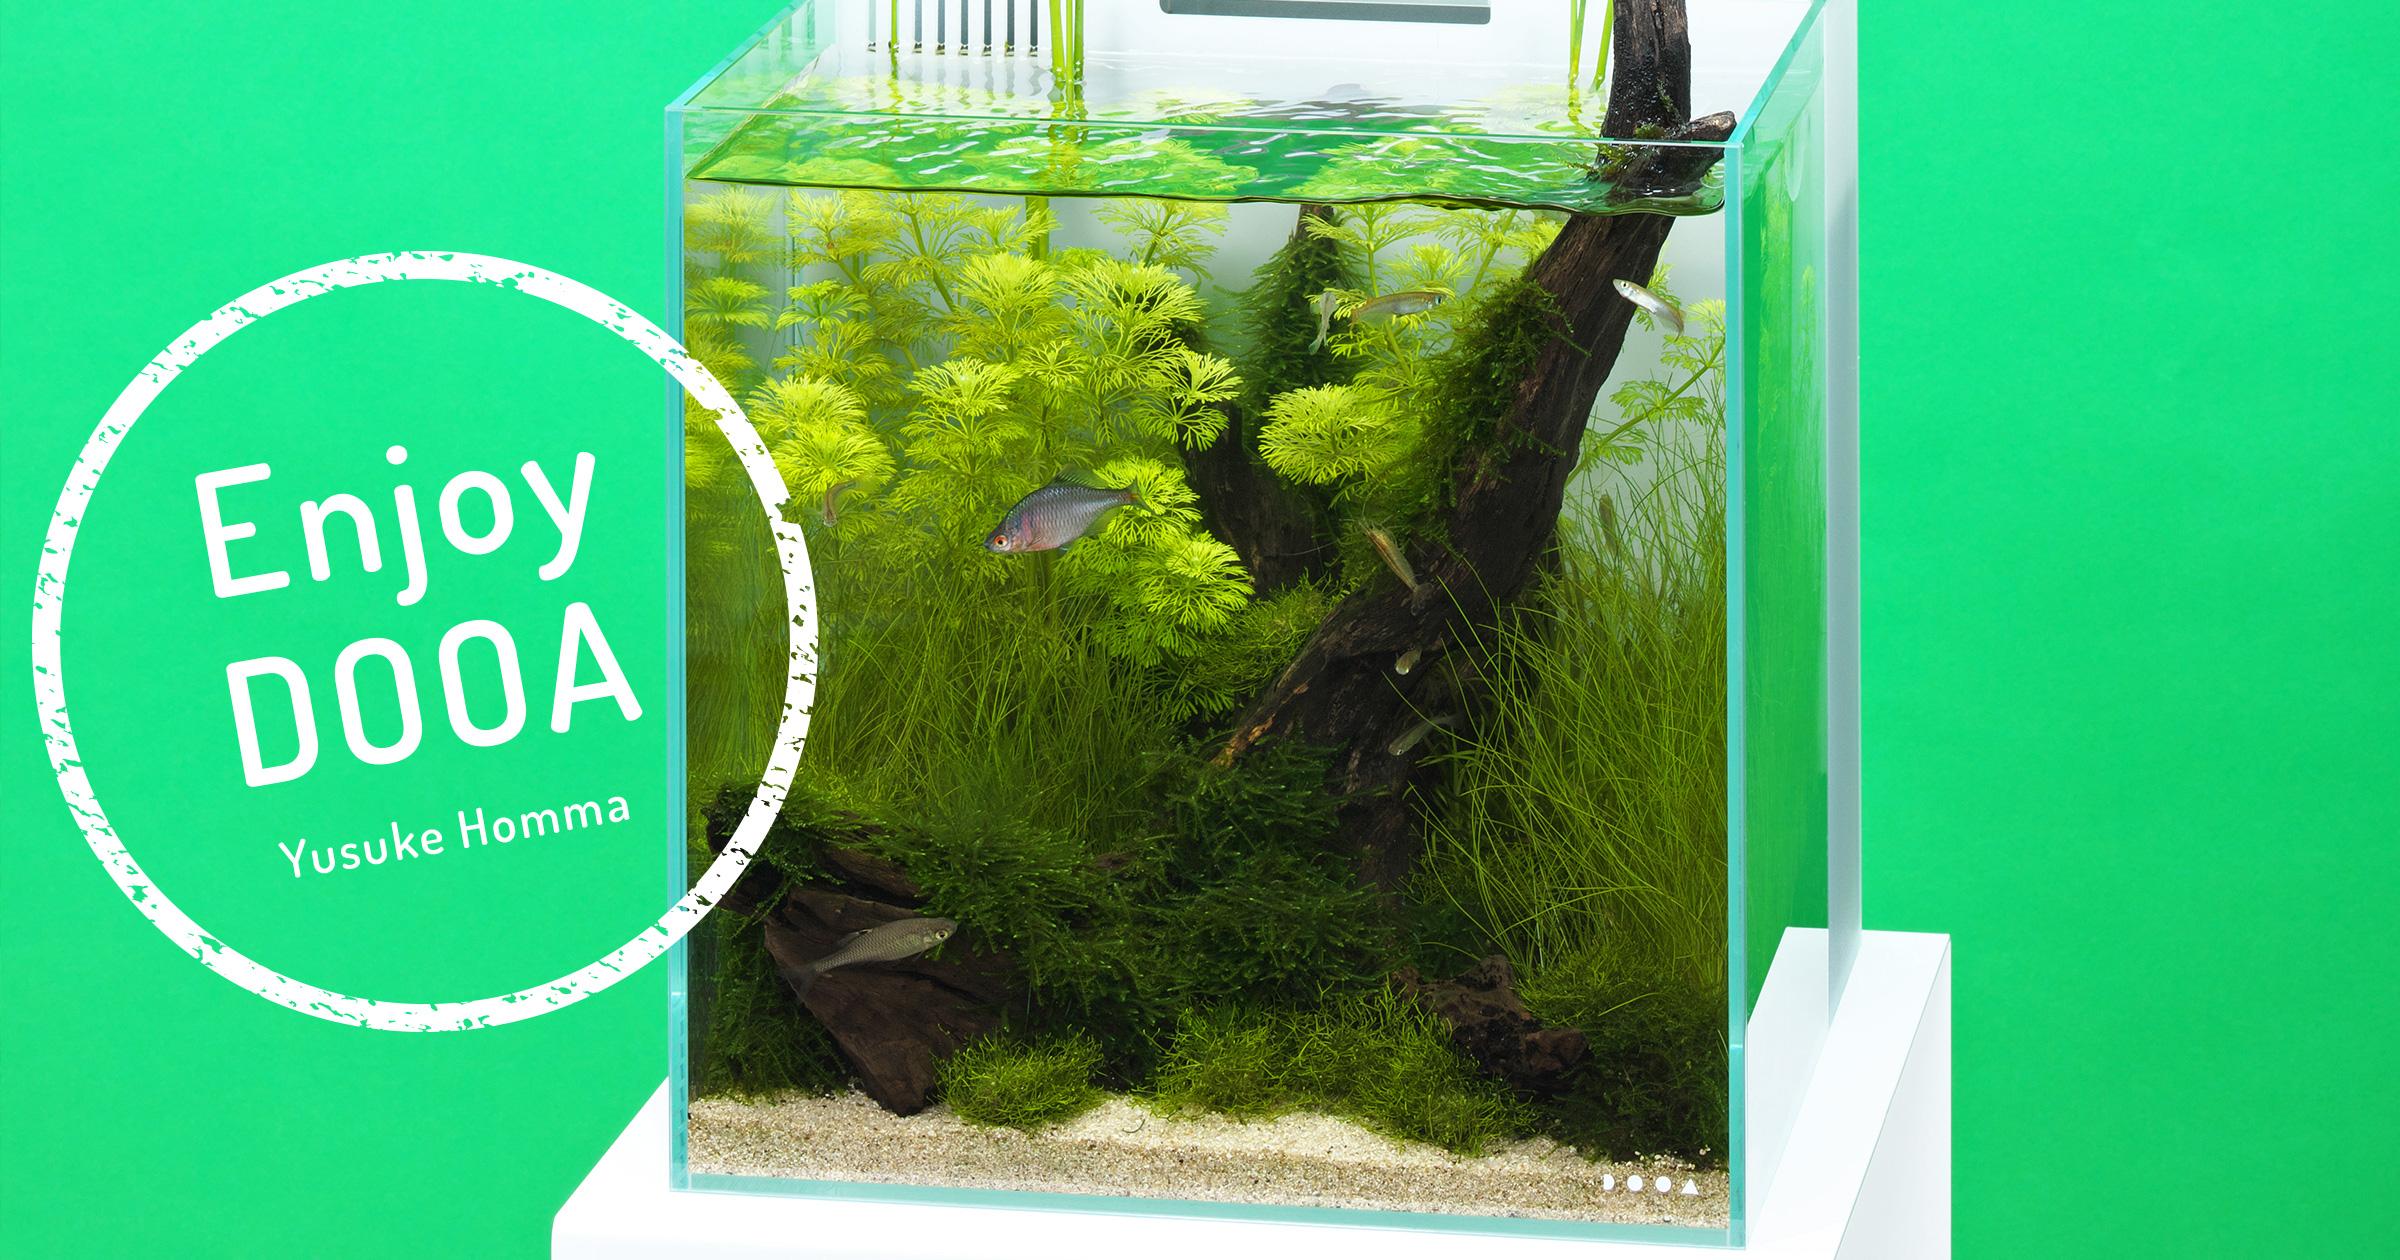 Enjoy DOOA 夏の潟をイメージしたシンプルな日本産水景